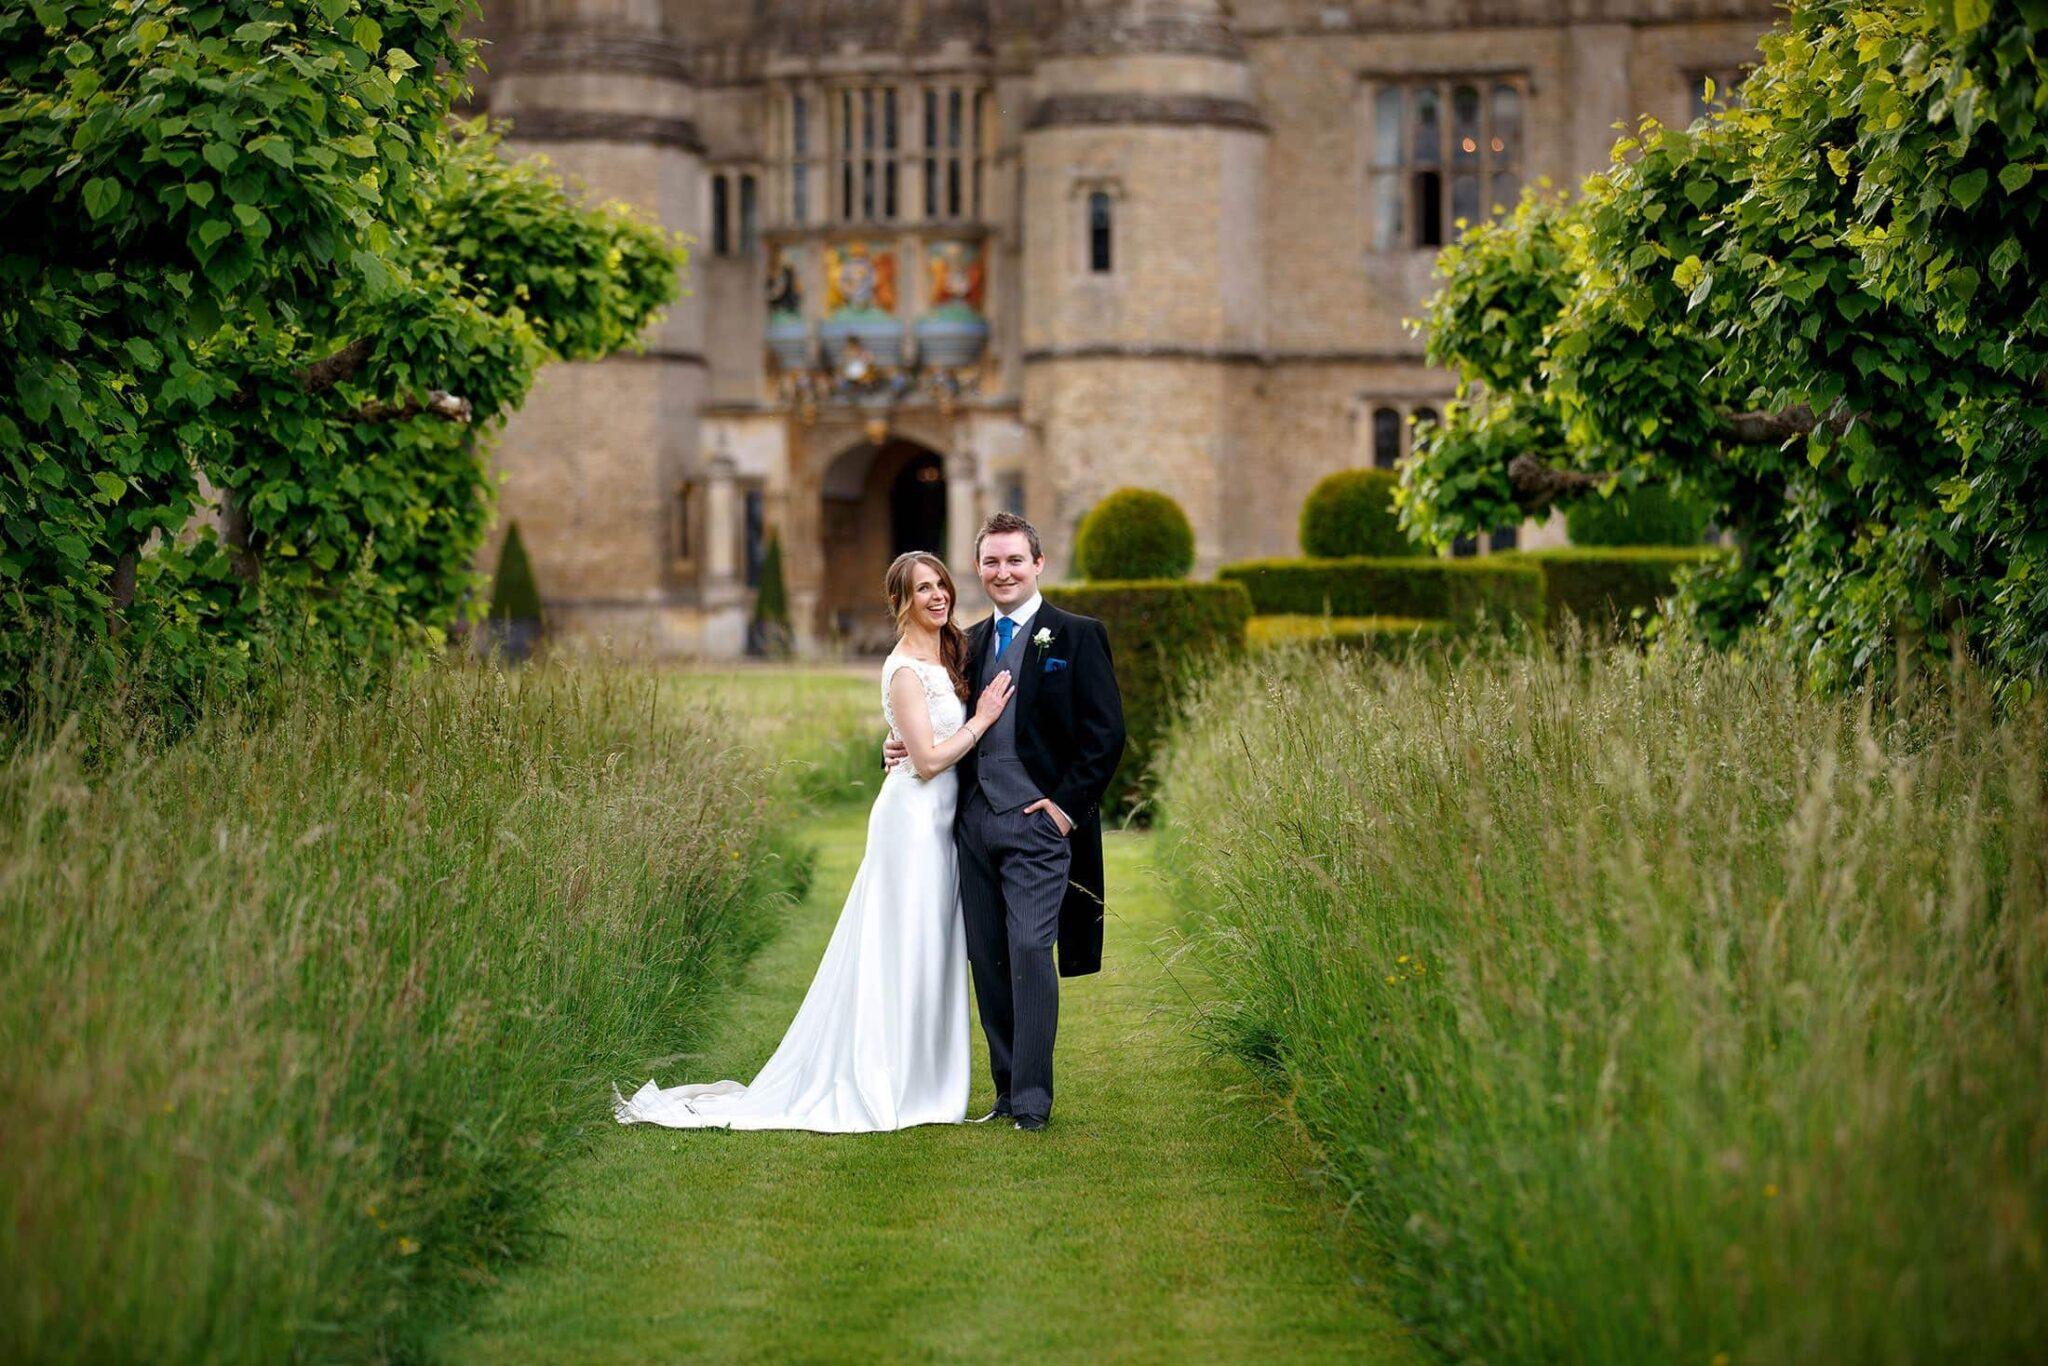 Hengrave wedding photos of Susannah & Ed